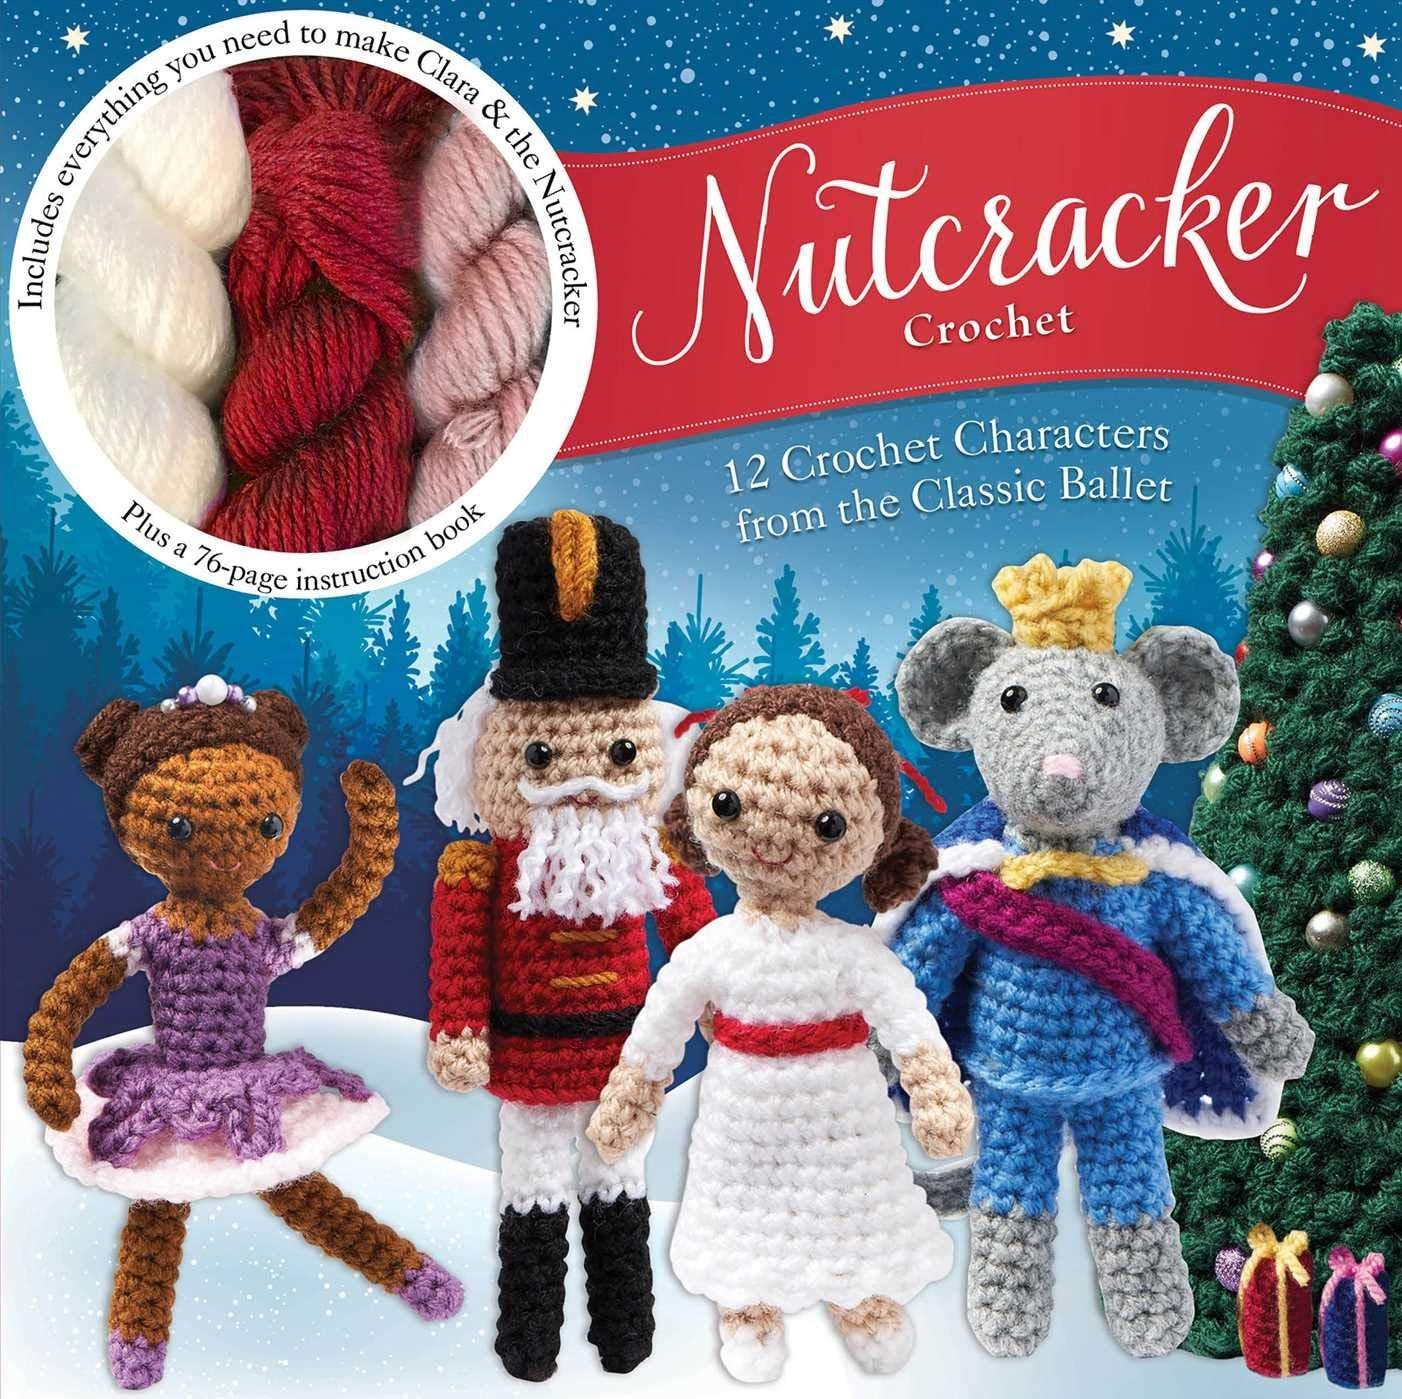 Nutcracker Crochet Kit